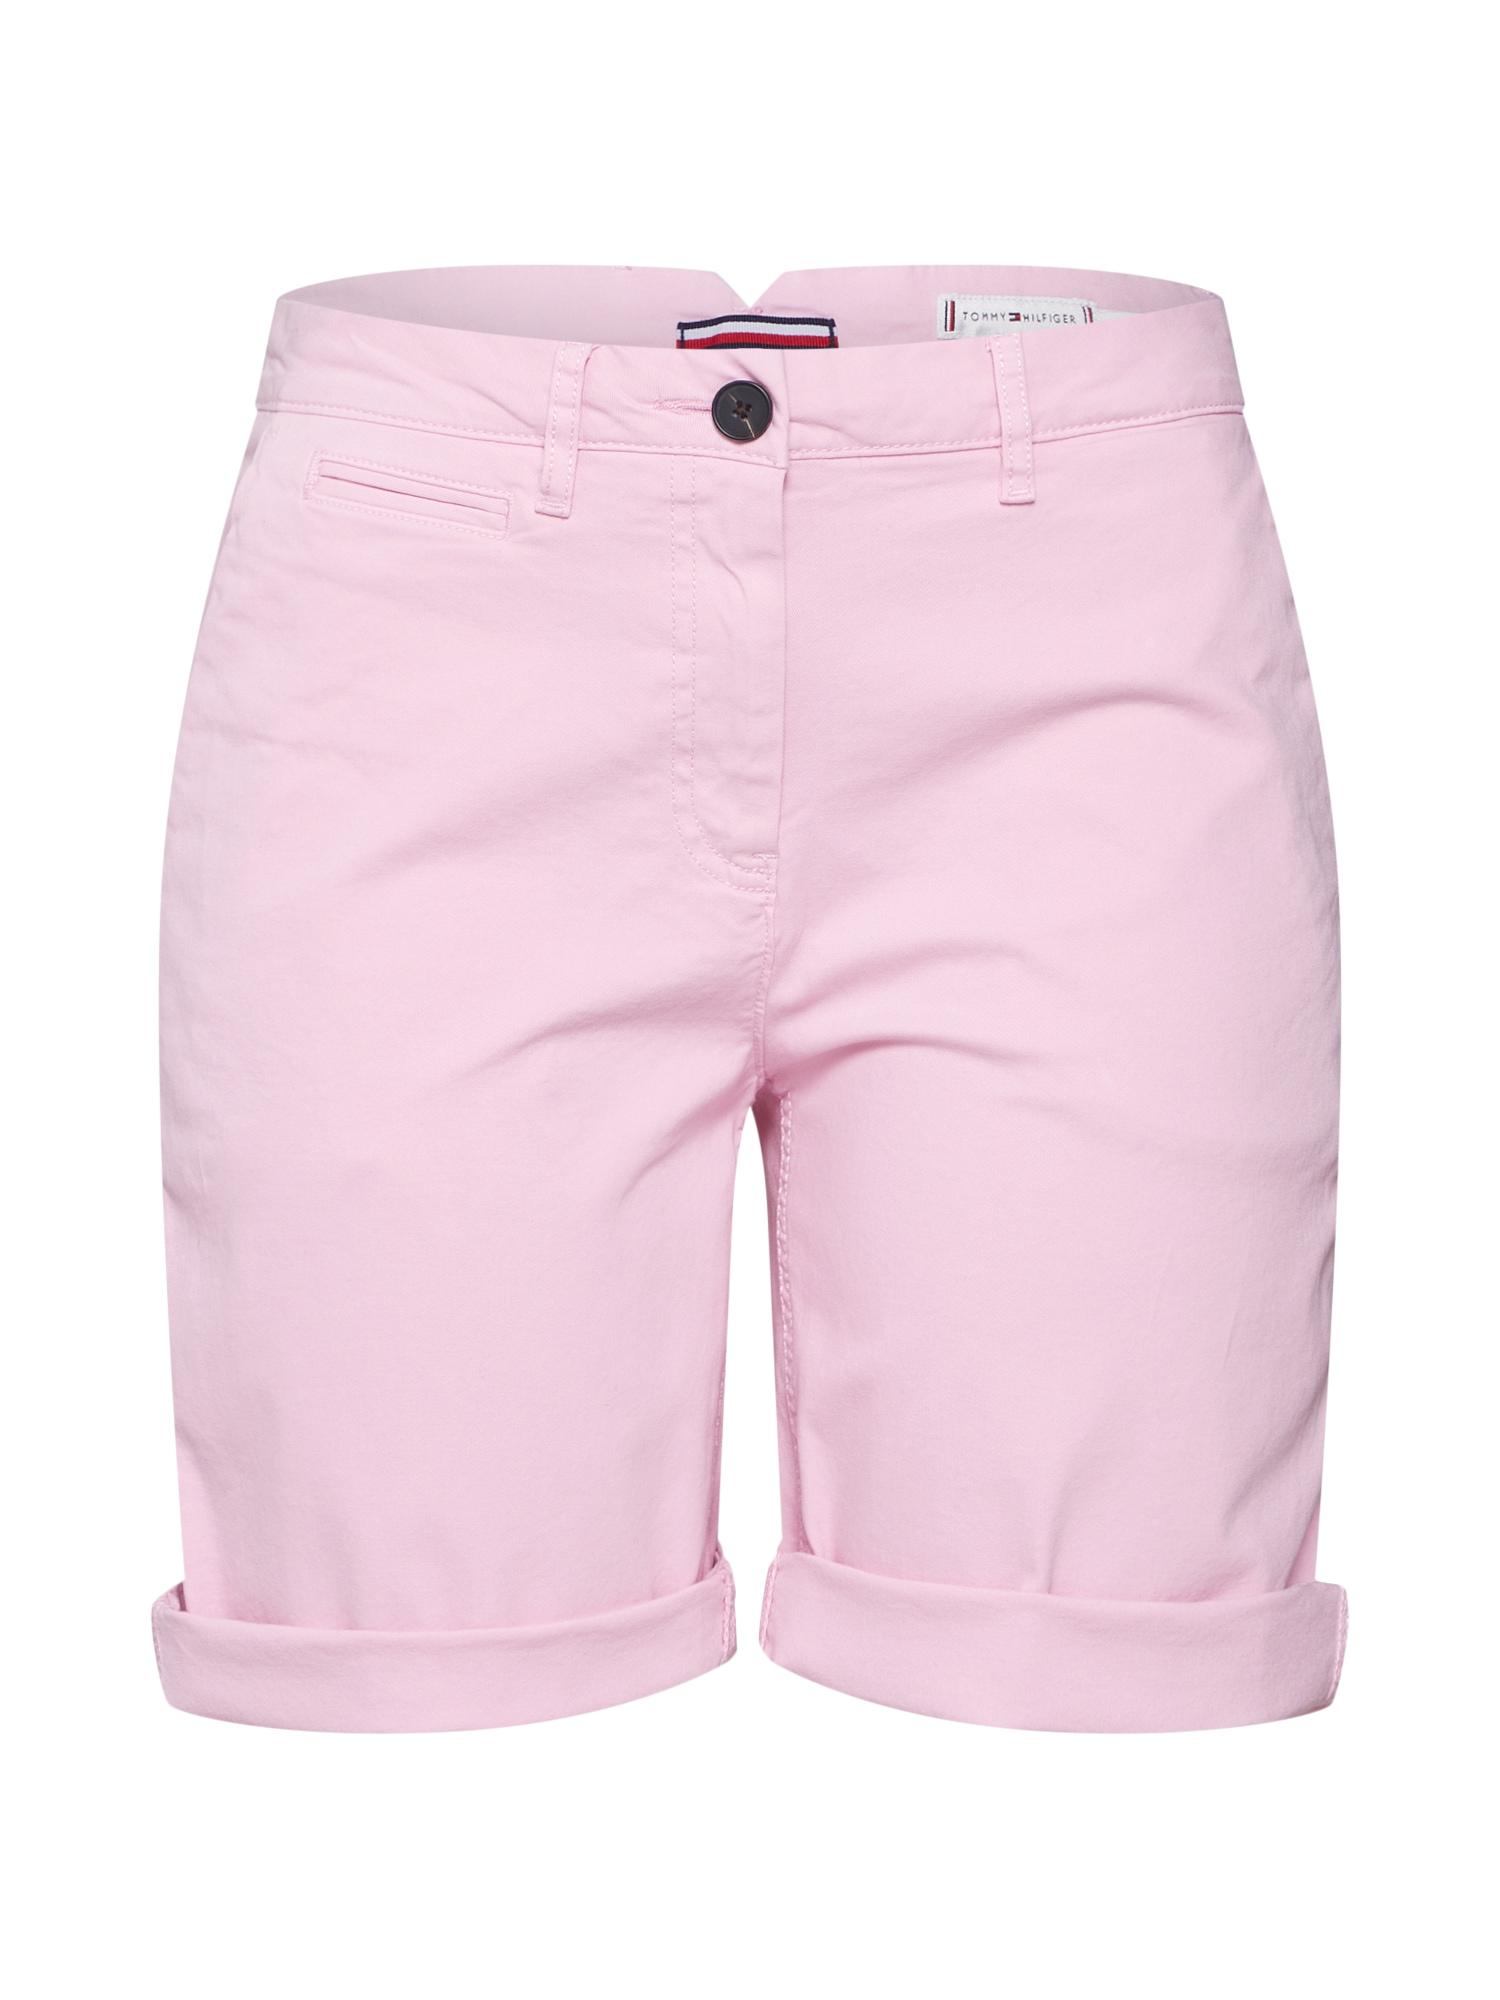 Chino kalhoty HUNTER pink růžová TOMMY HILFIGER